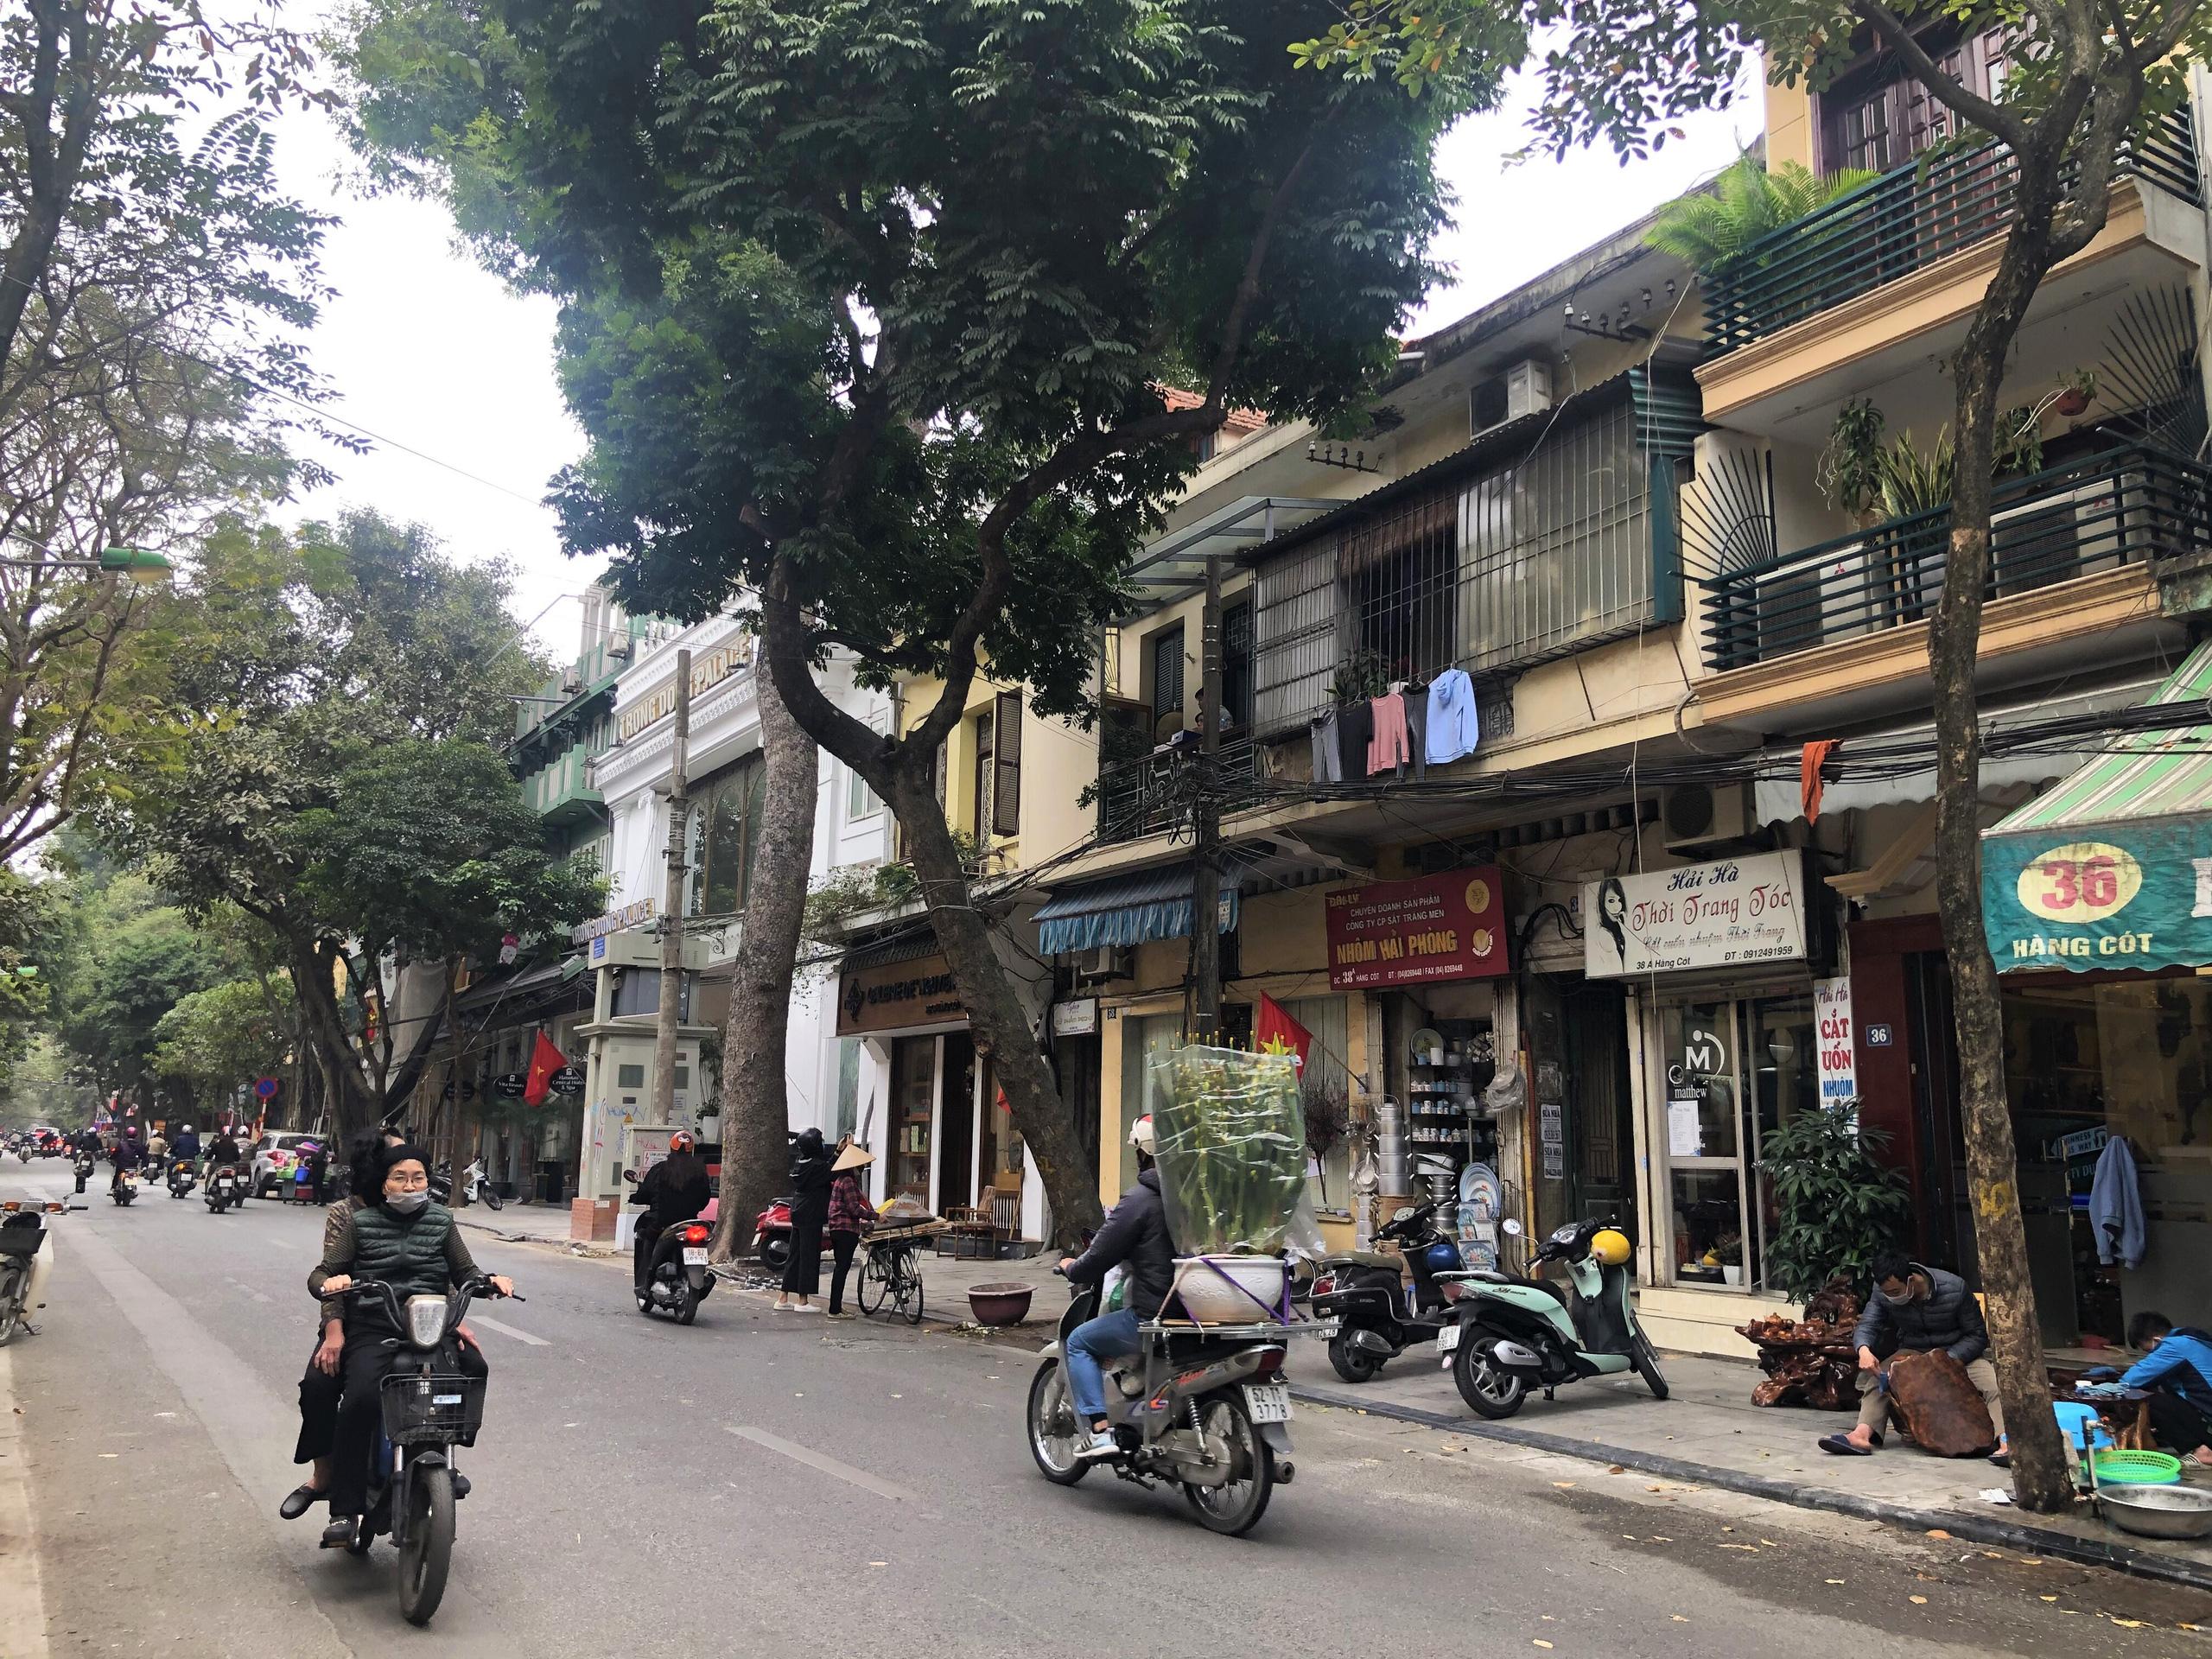 Giá đất phố Hàng Cót, Hoàn Kiếm, Hà Nội - Ảnh 1.